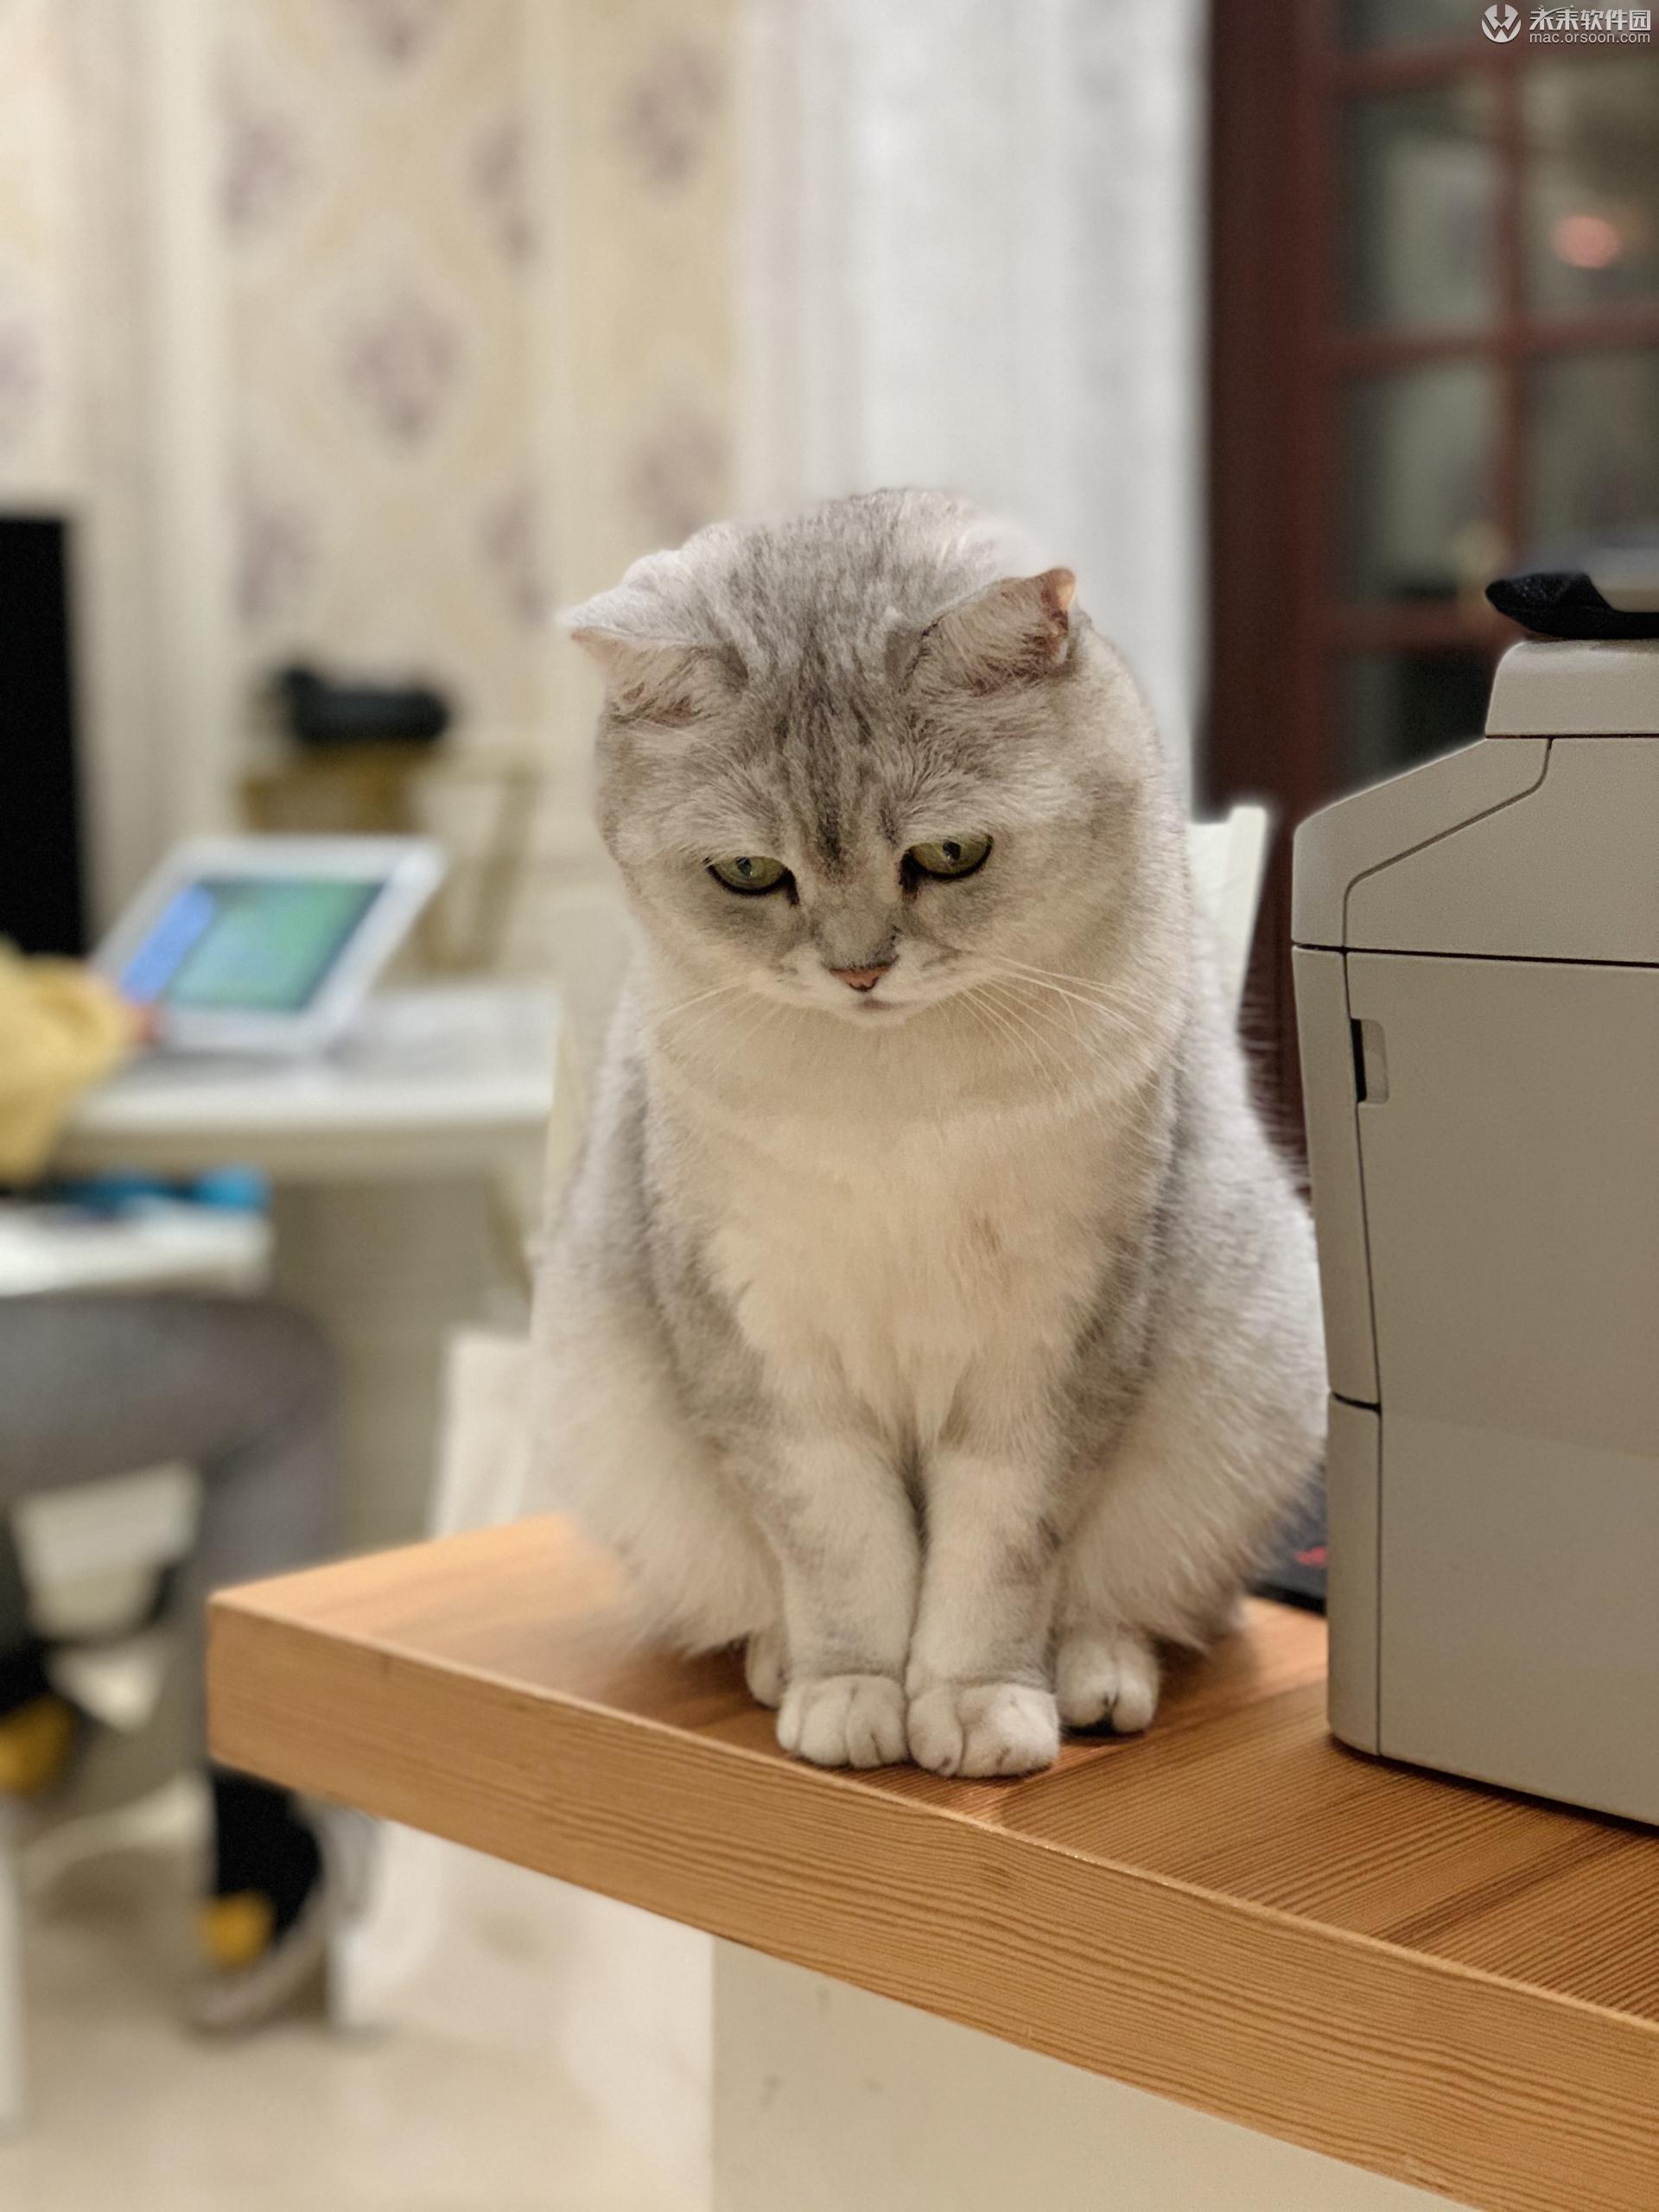 猫咪高清动态壁纸